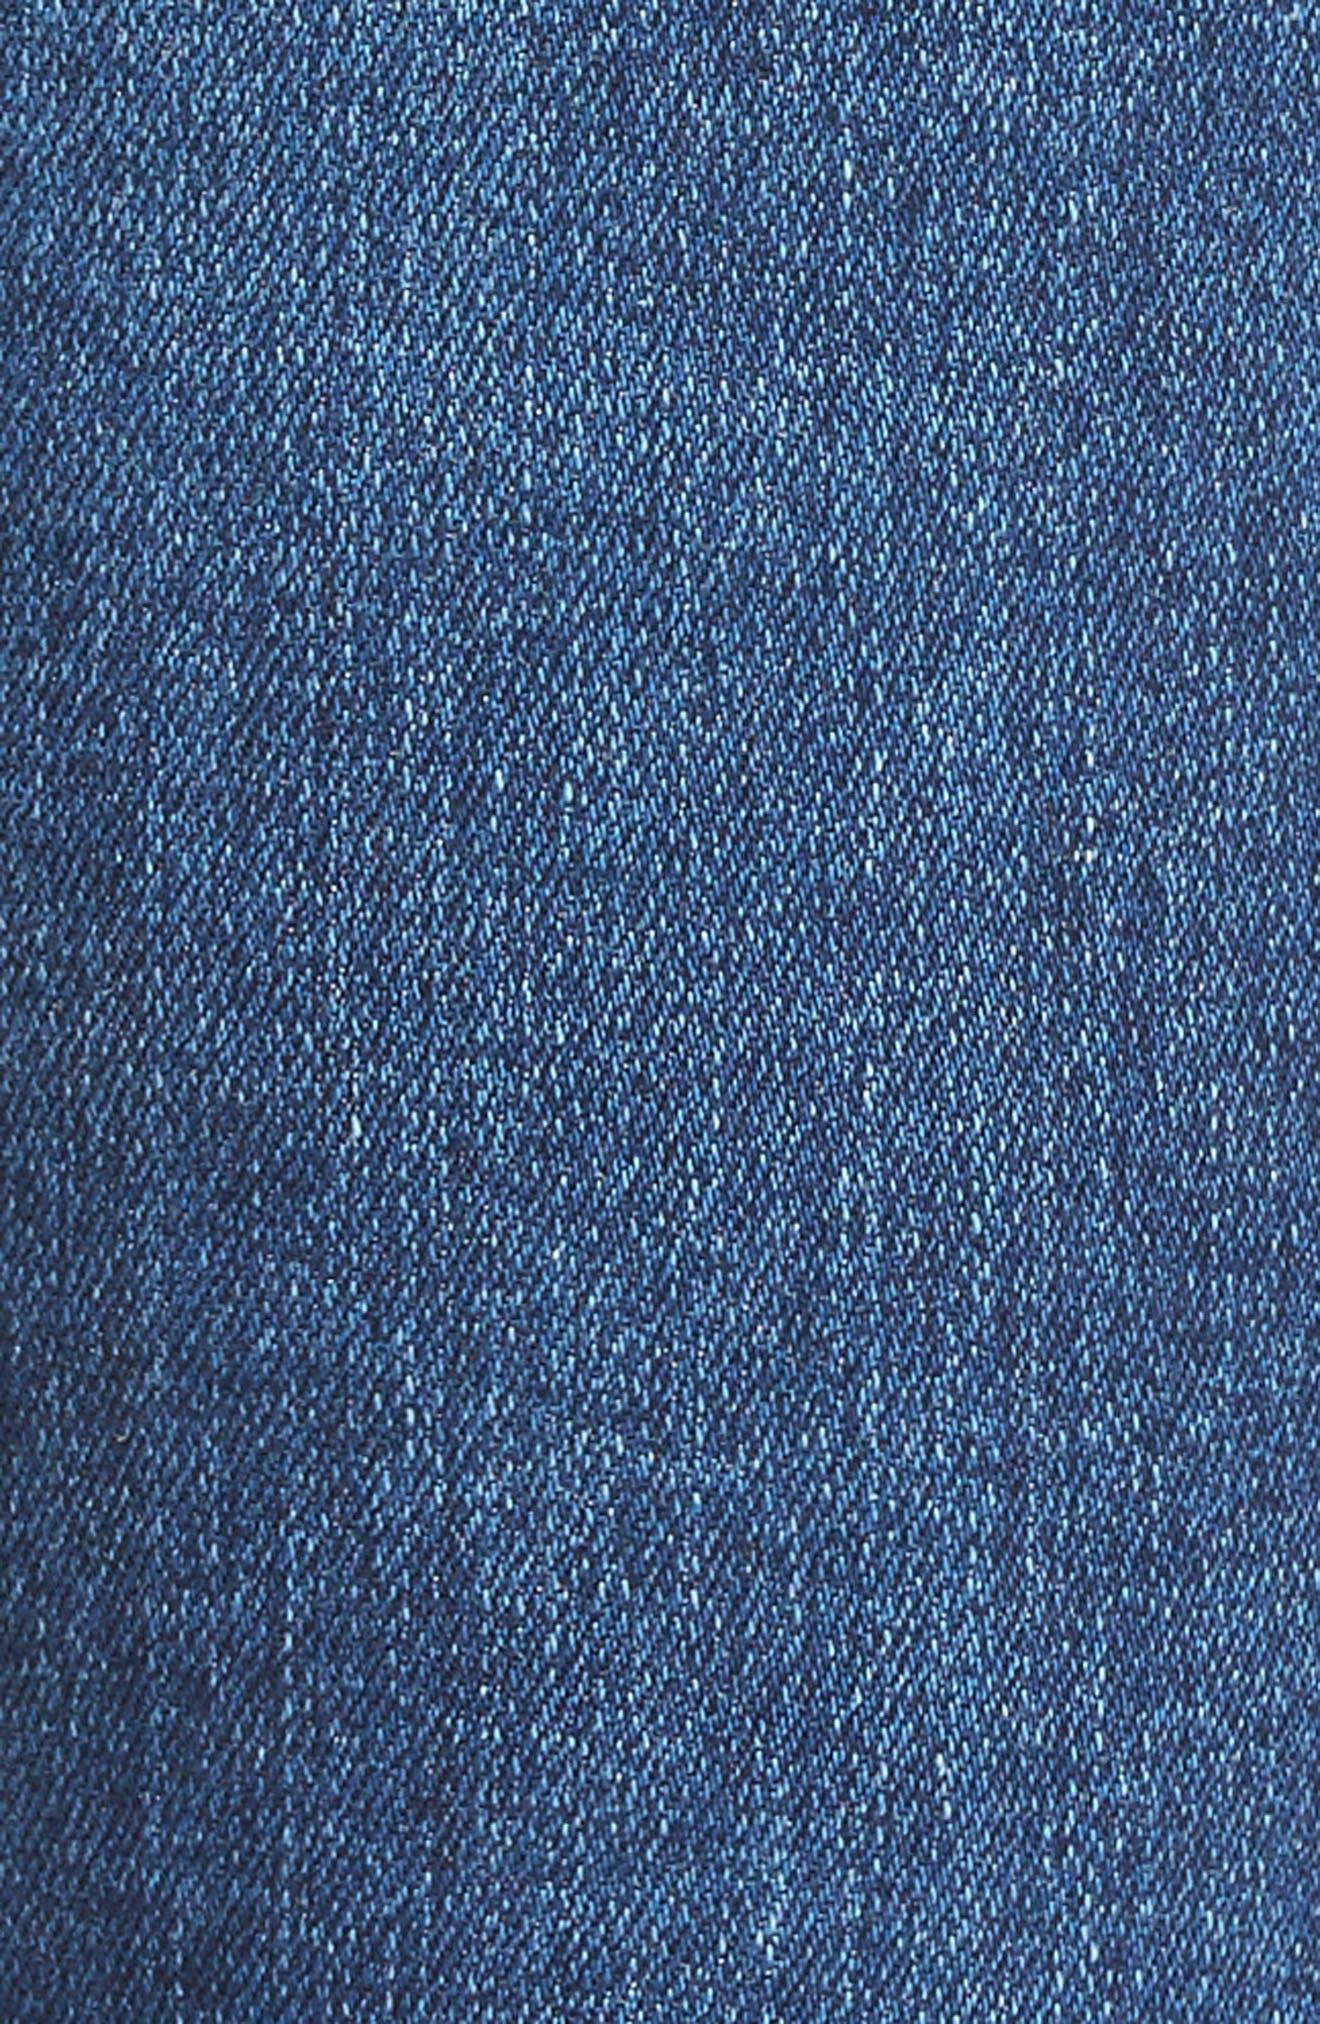 Alternate Image 5  - AG The Legging Ankle Super Skinny Jeans (17 Years Sea Drift)